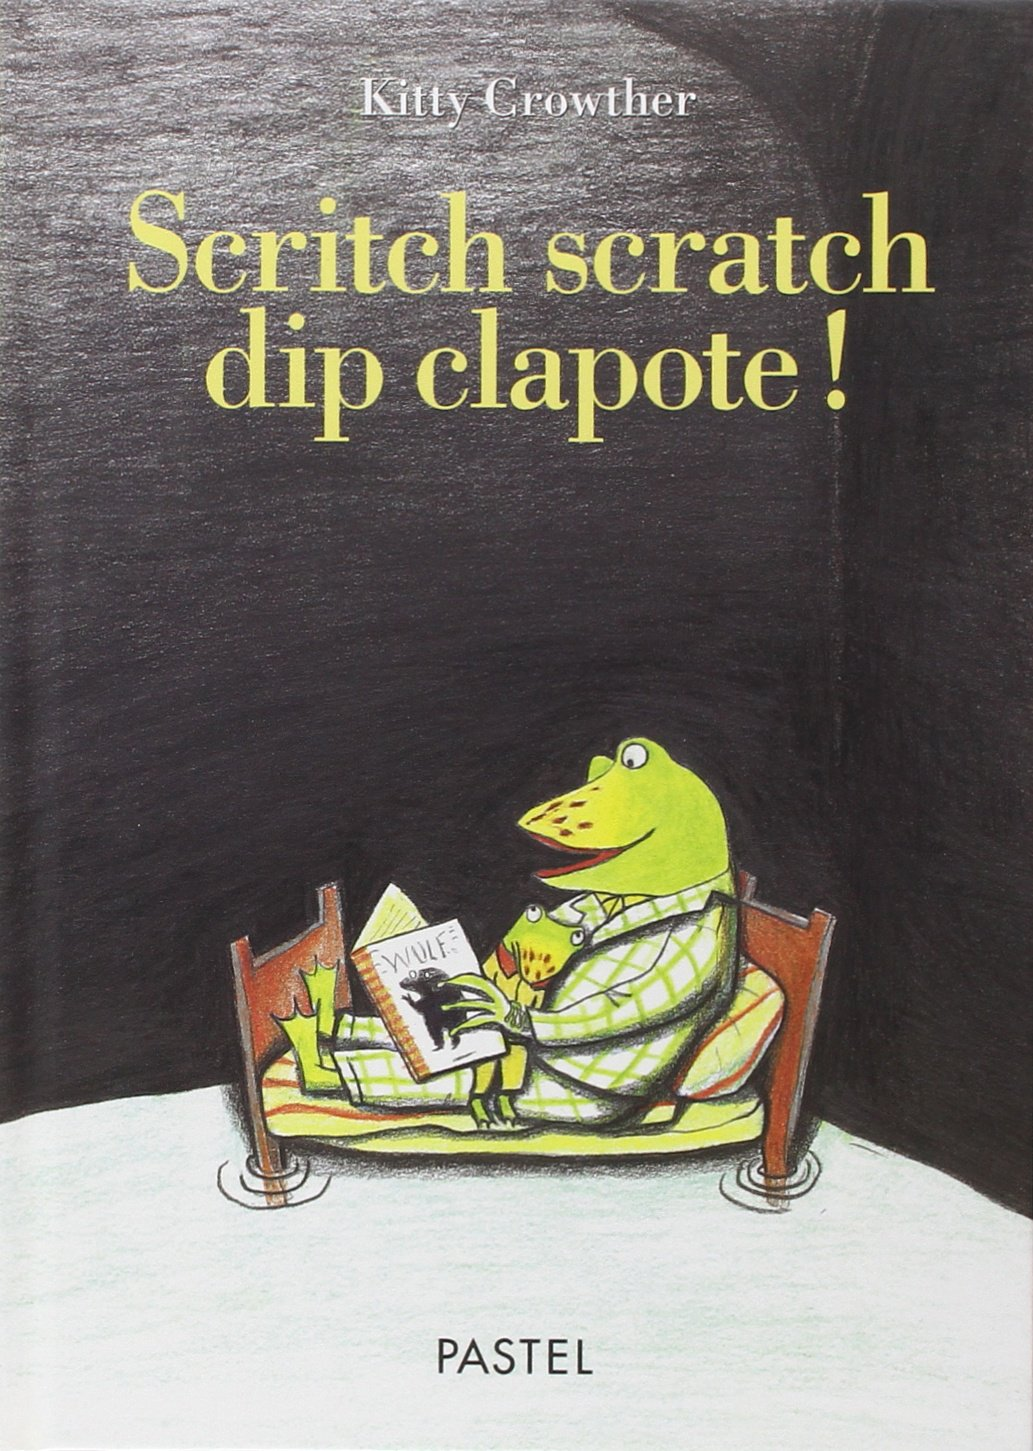 """Résultat de recherche d'images pour """"scritch scratch dip clapote"""""""